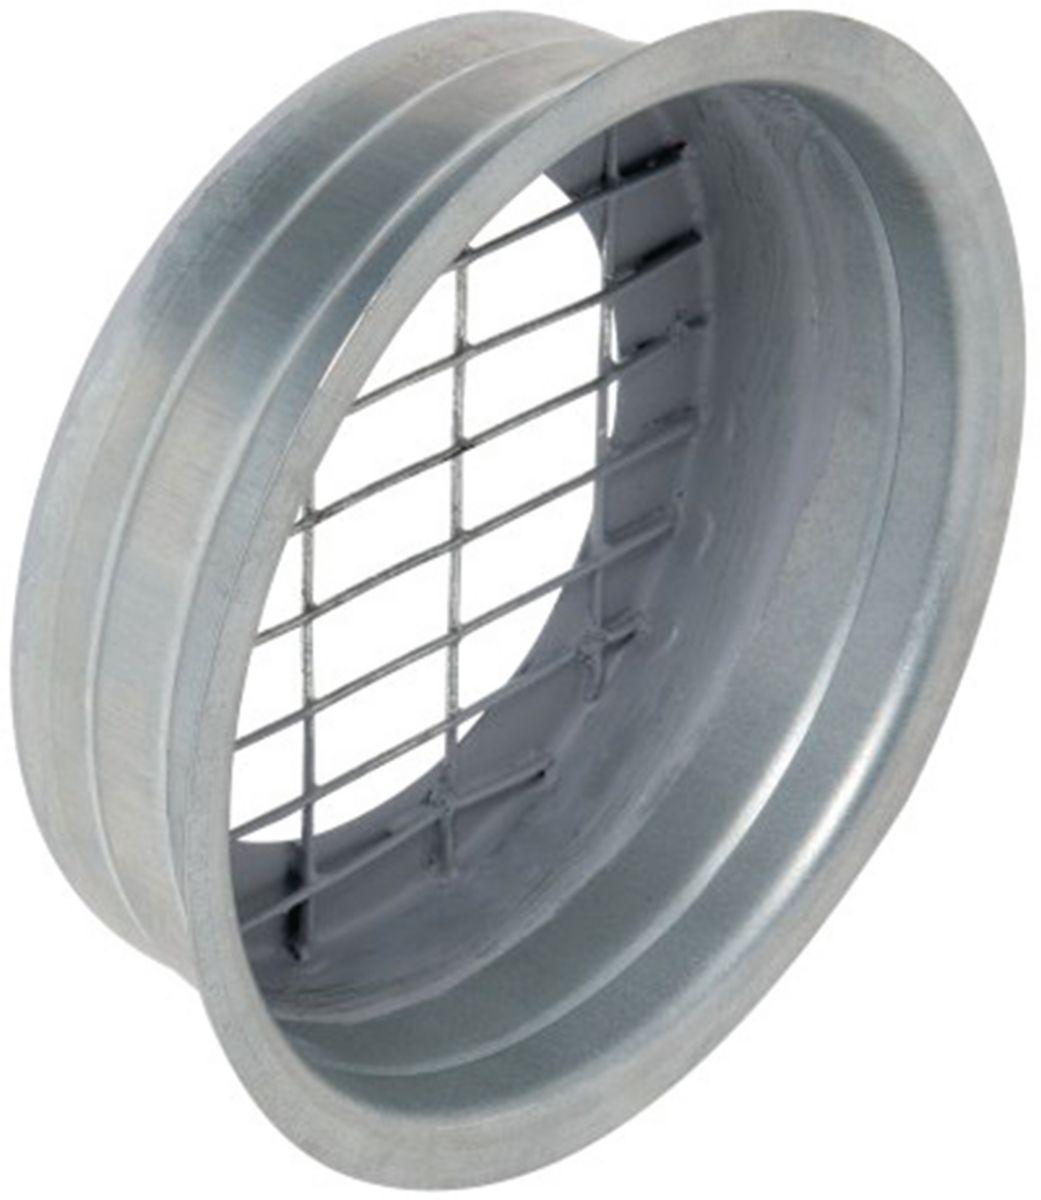 Bouchons grillagé diamètre 200mm Réf. BGD0200